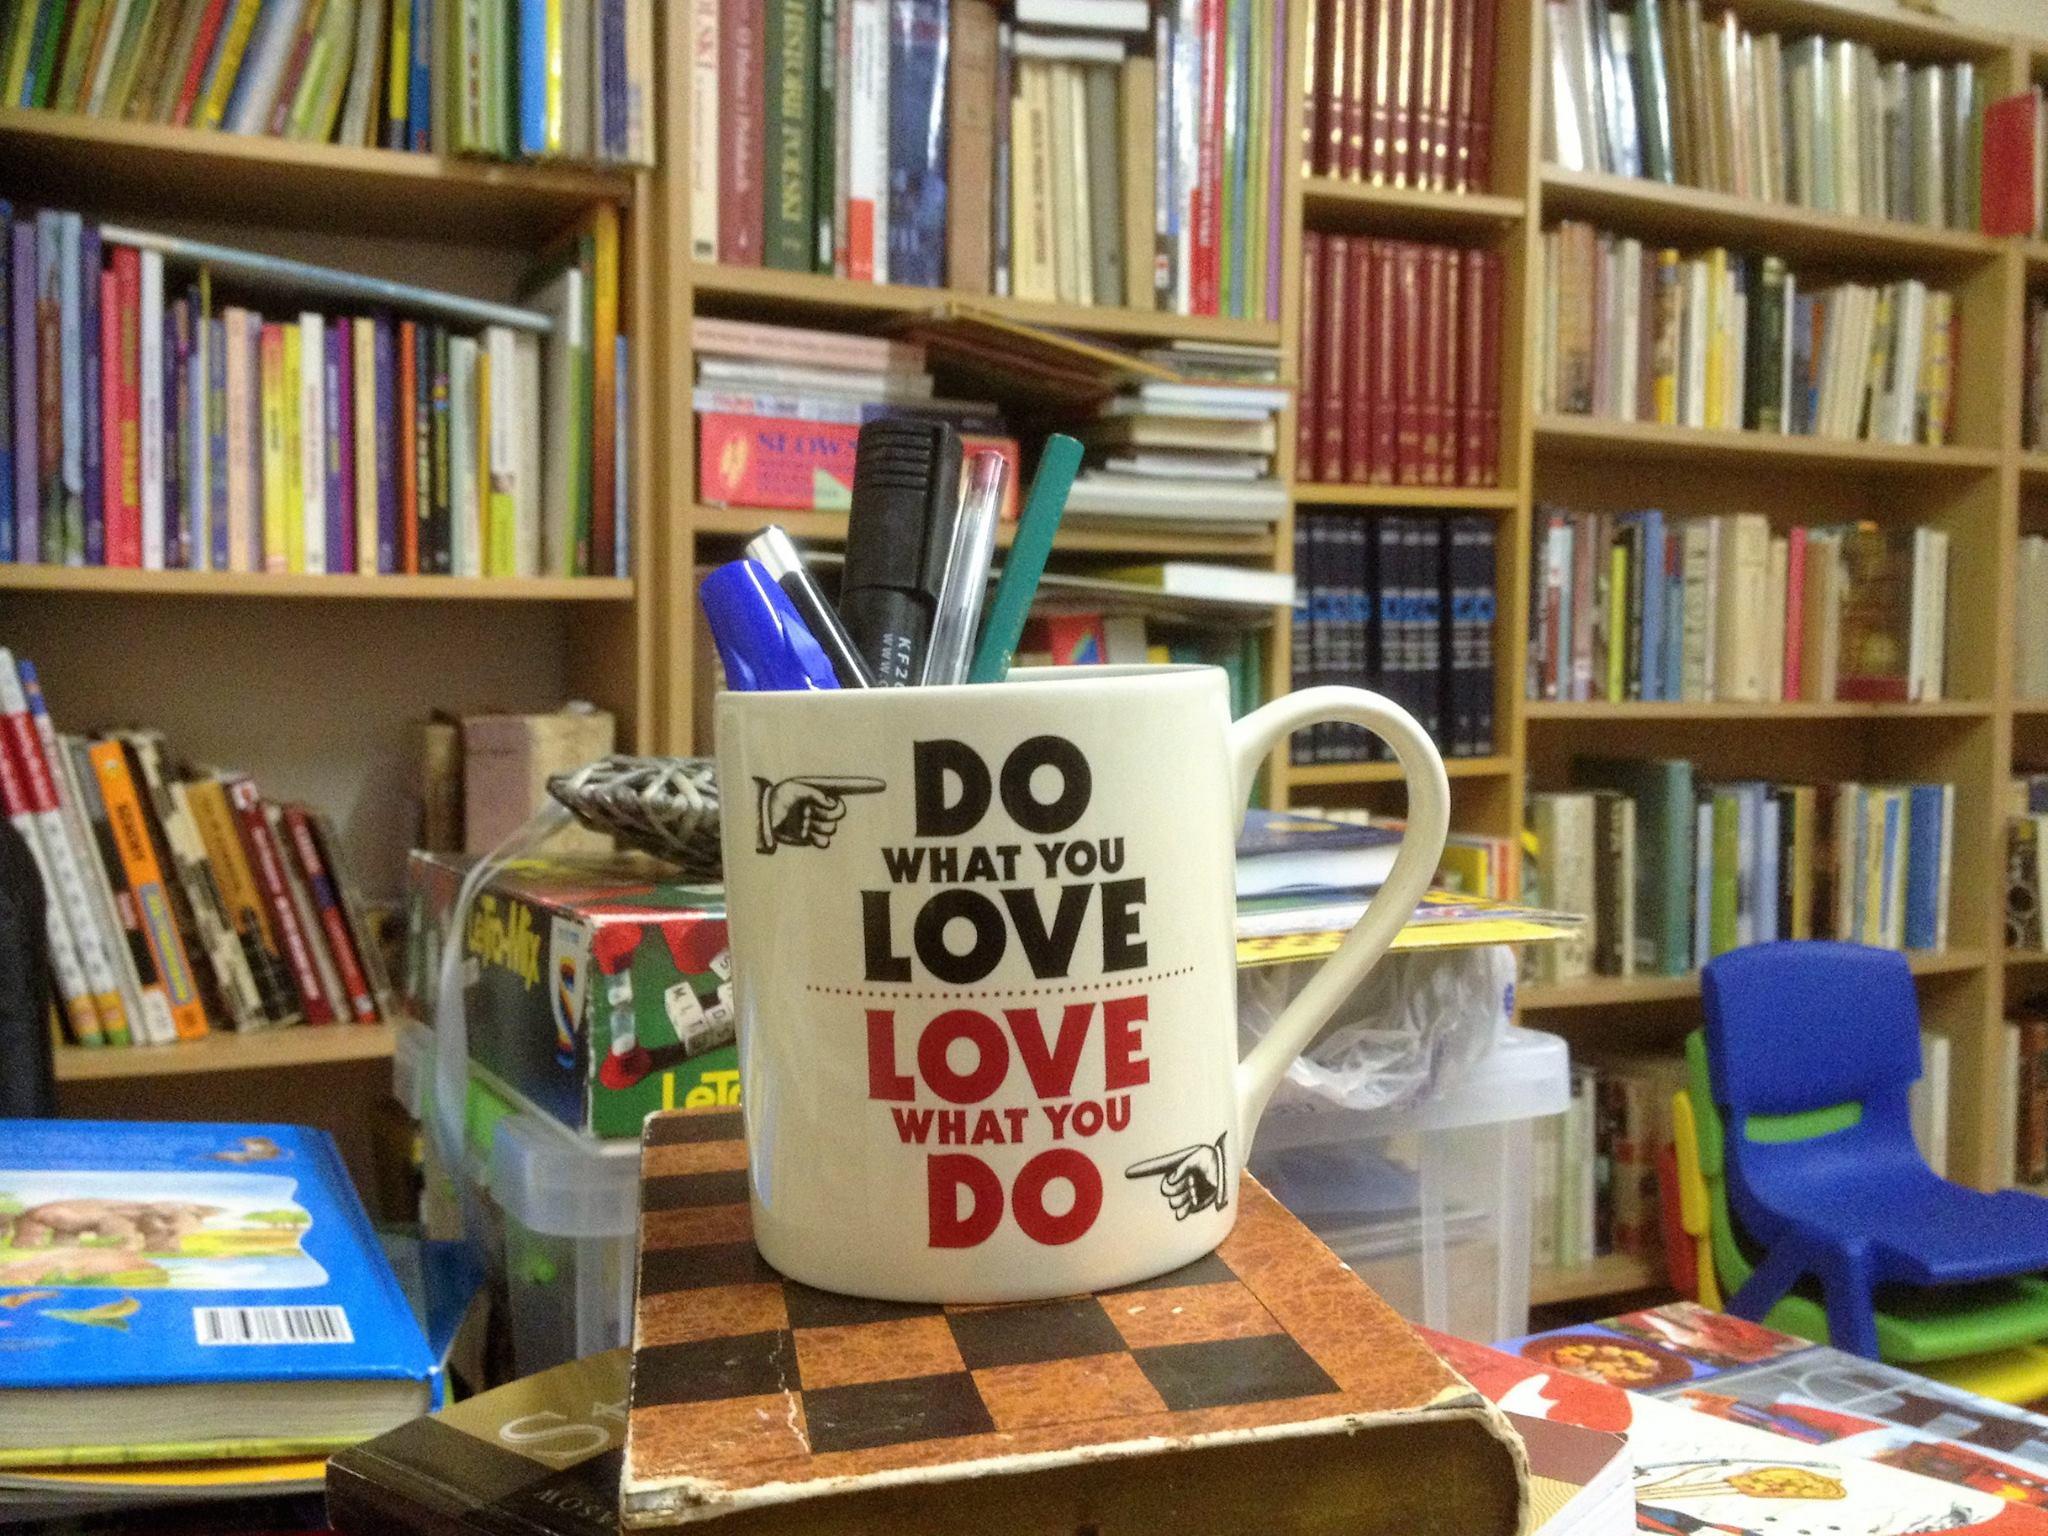 Publicystyka - Polska biblioteka prosi o... pomoc finansową